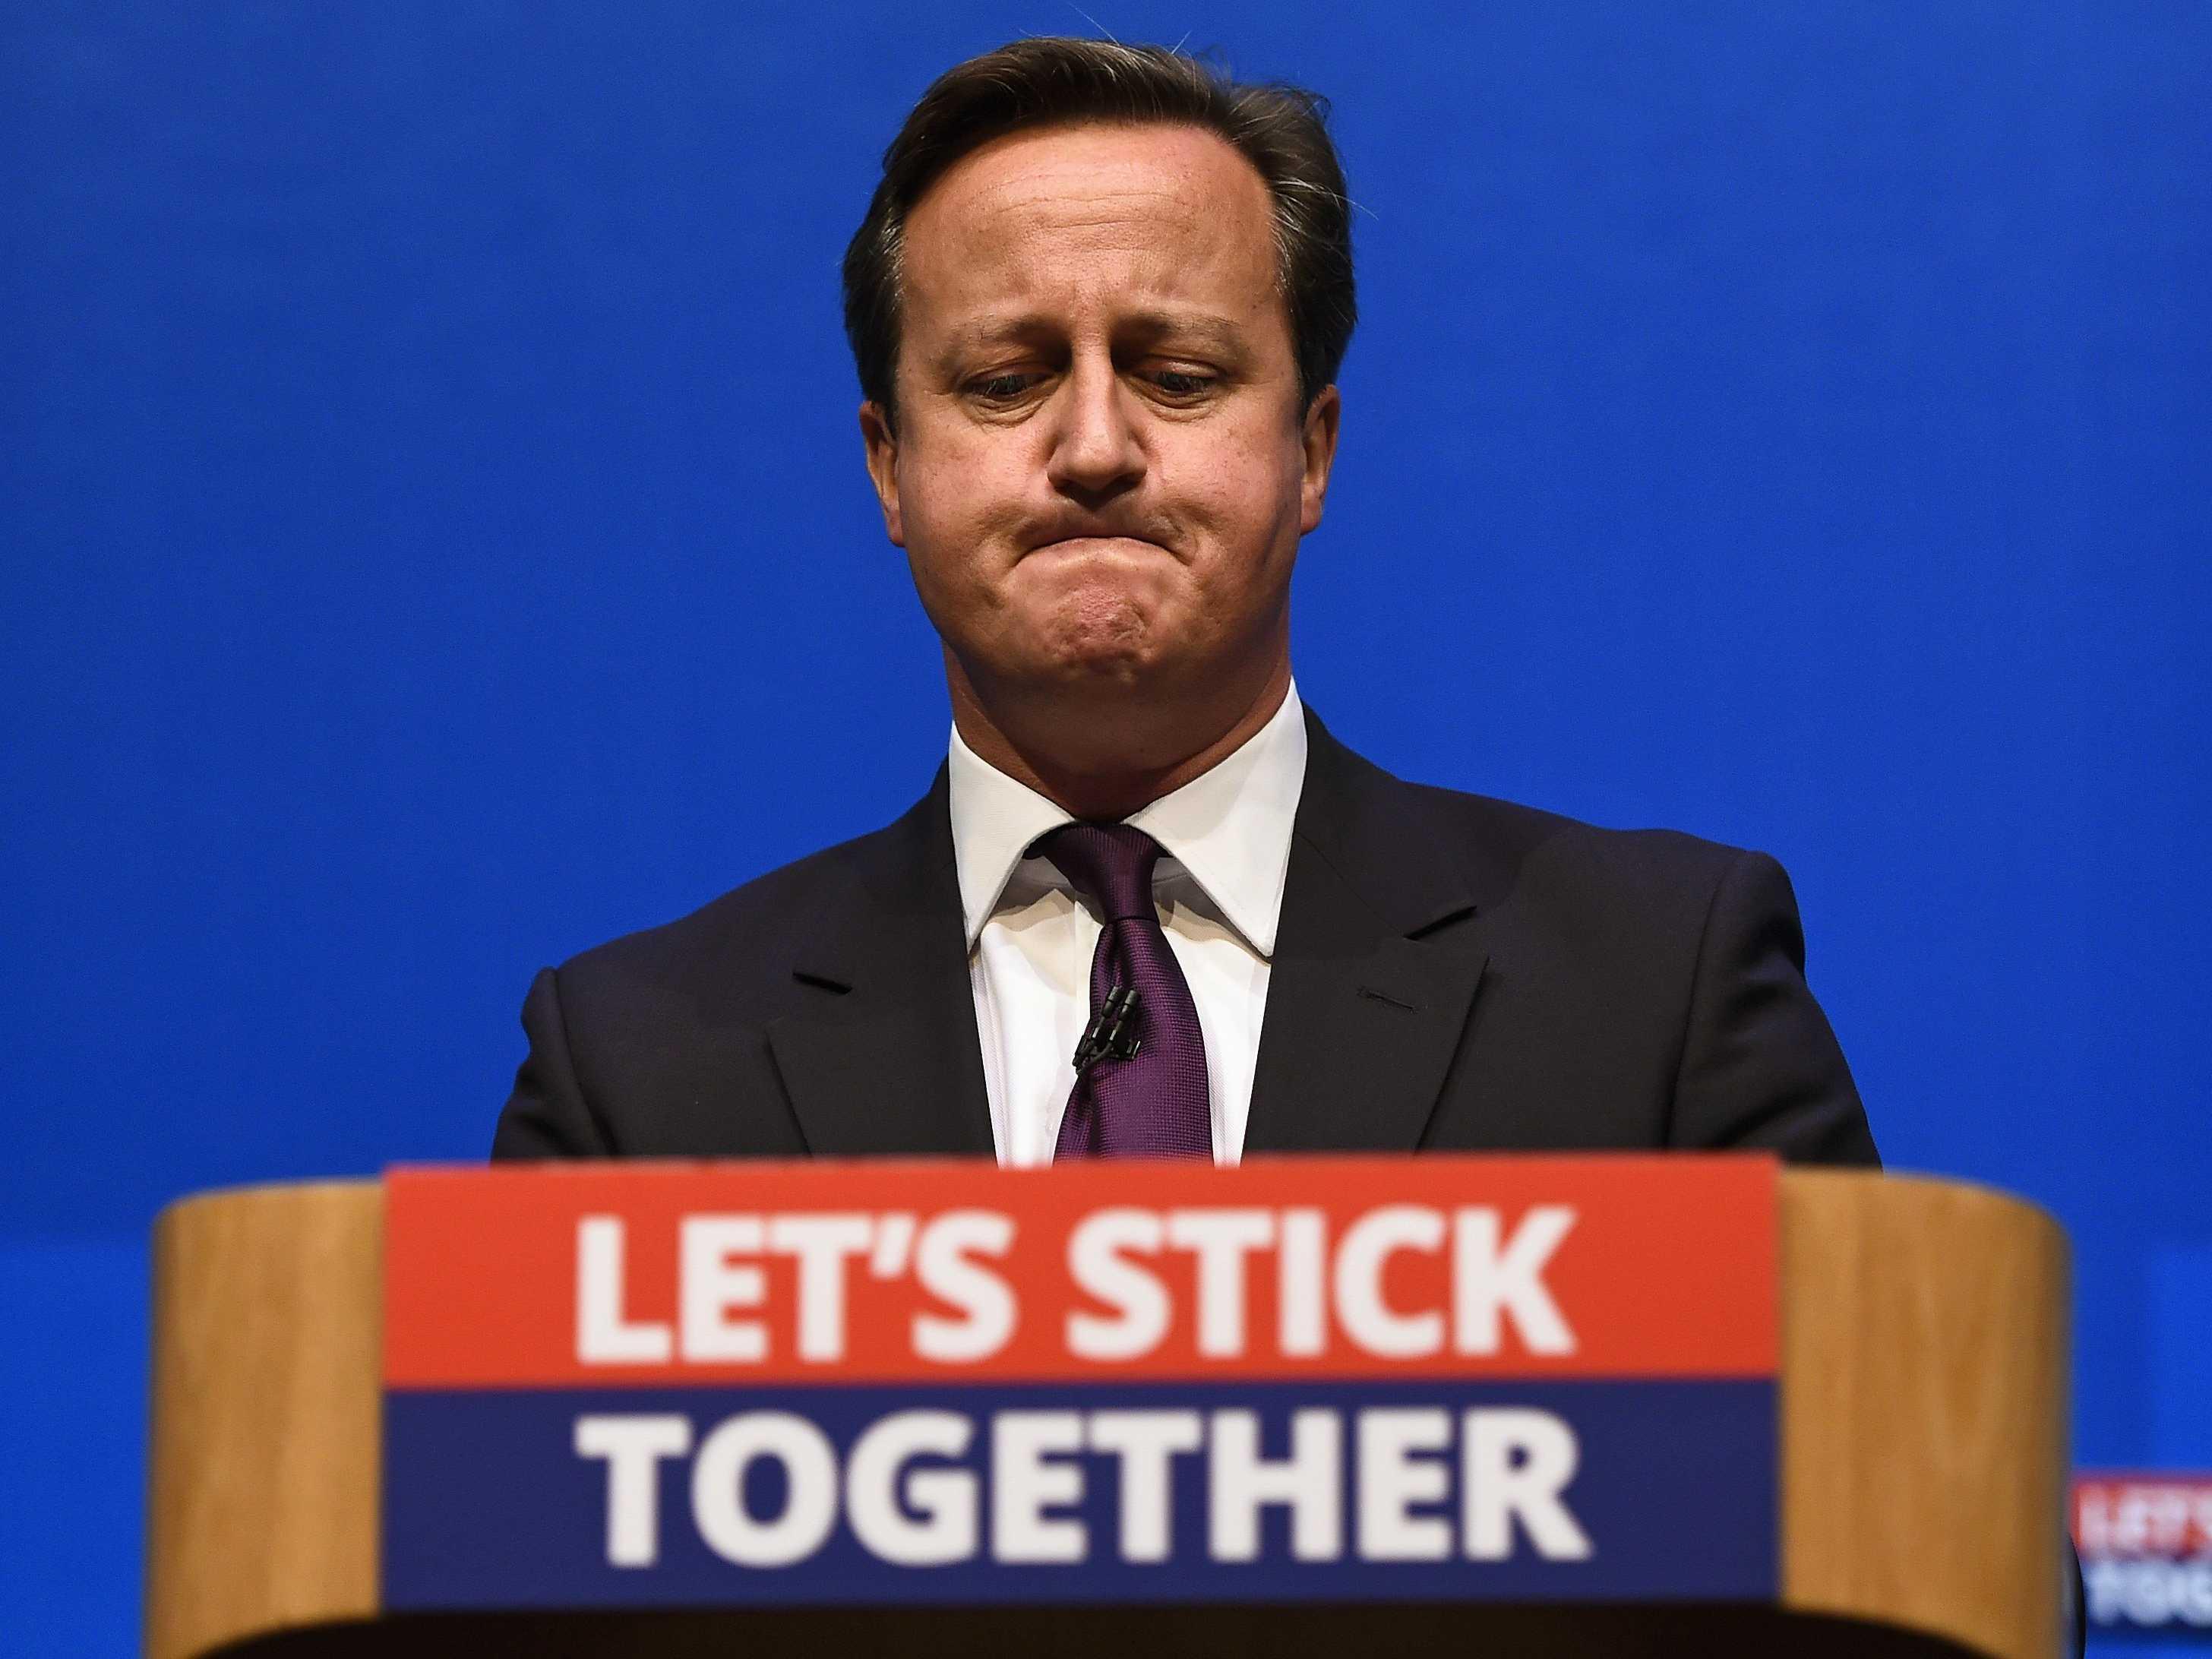 cameron Brexit: effetto domino